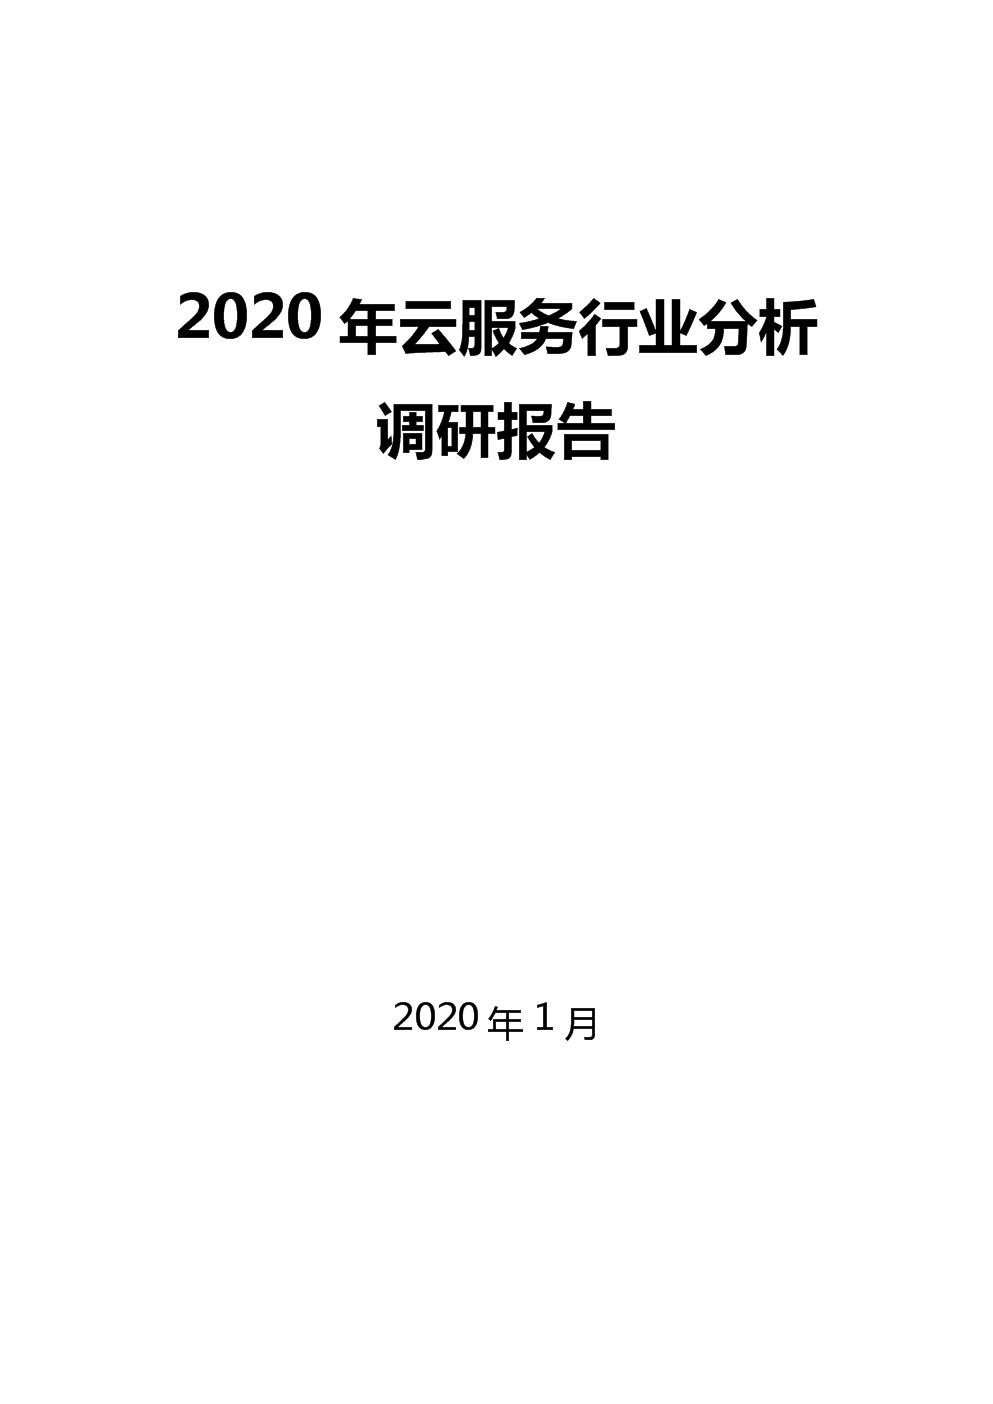 2020云服务器行业分析调研报告.docx